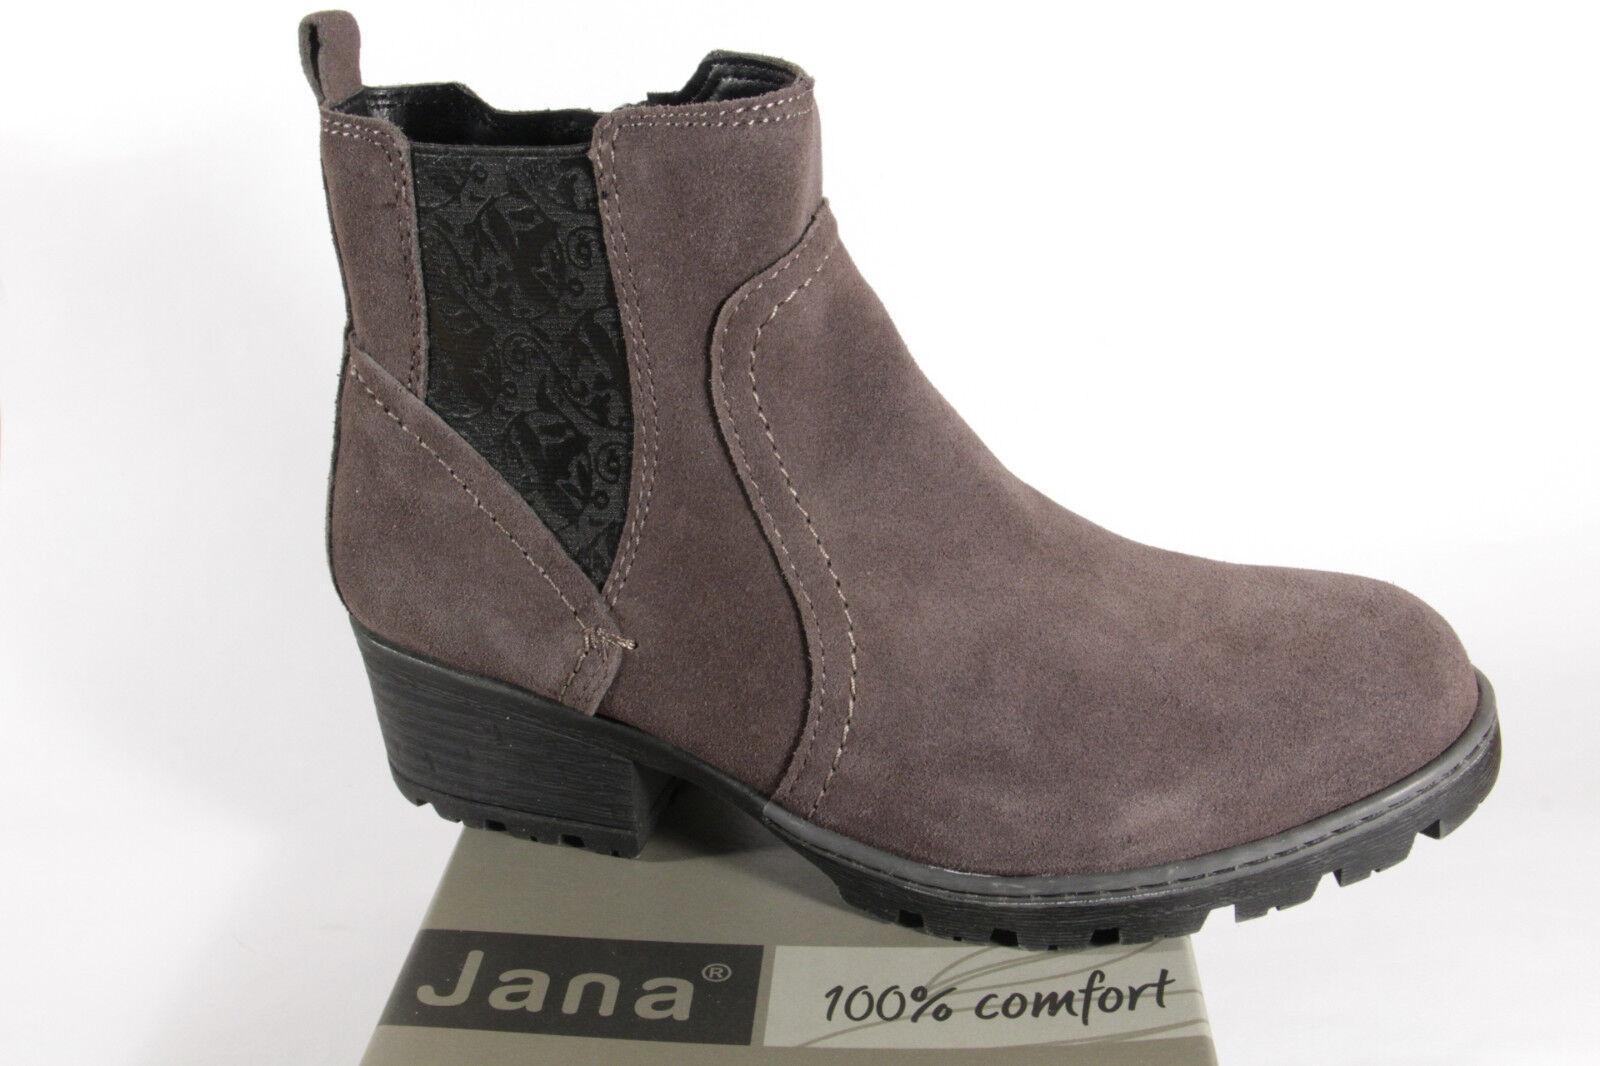 Jana 25404 Damen Stiefel, Stiefeletten Stiefel Echtleder grau NEU